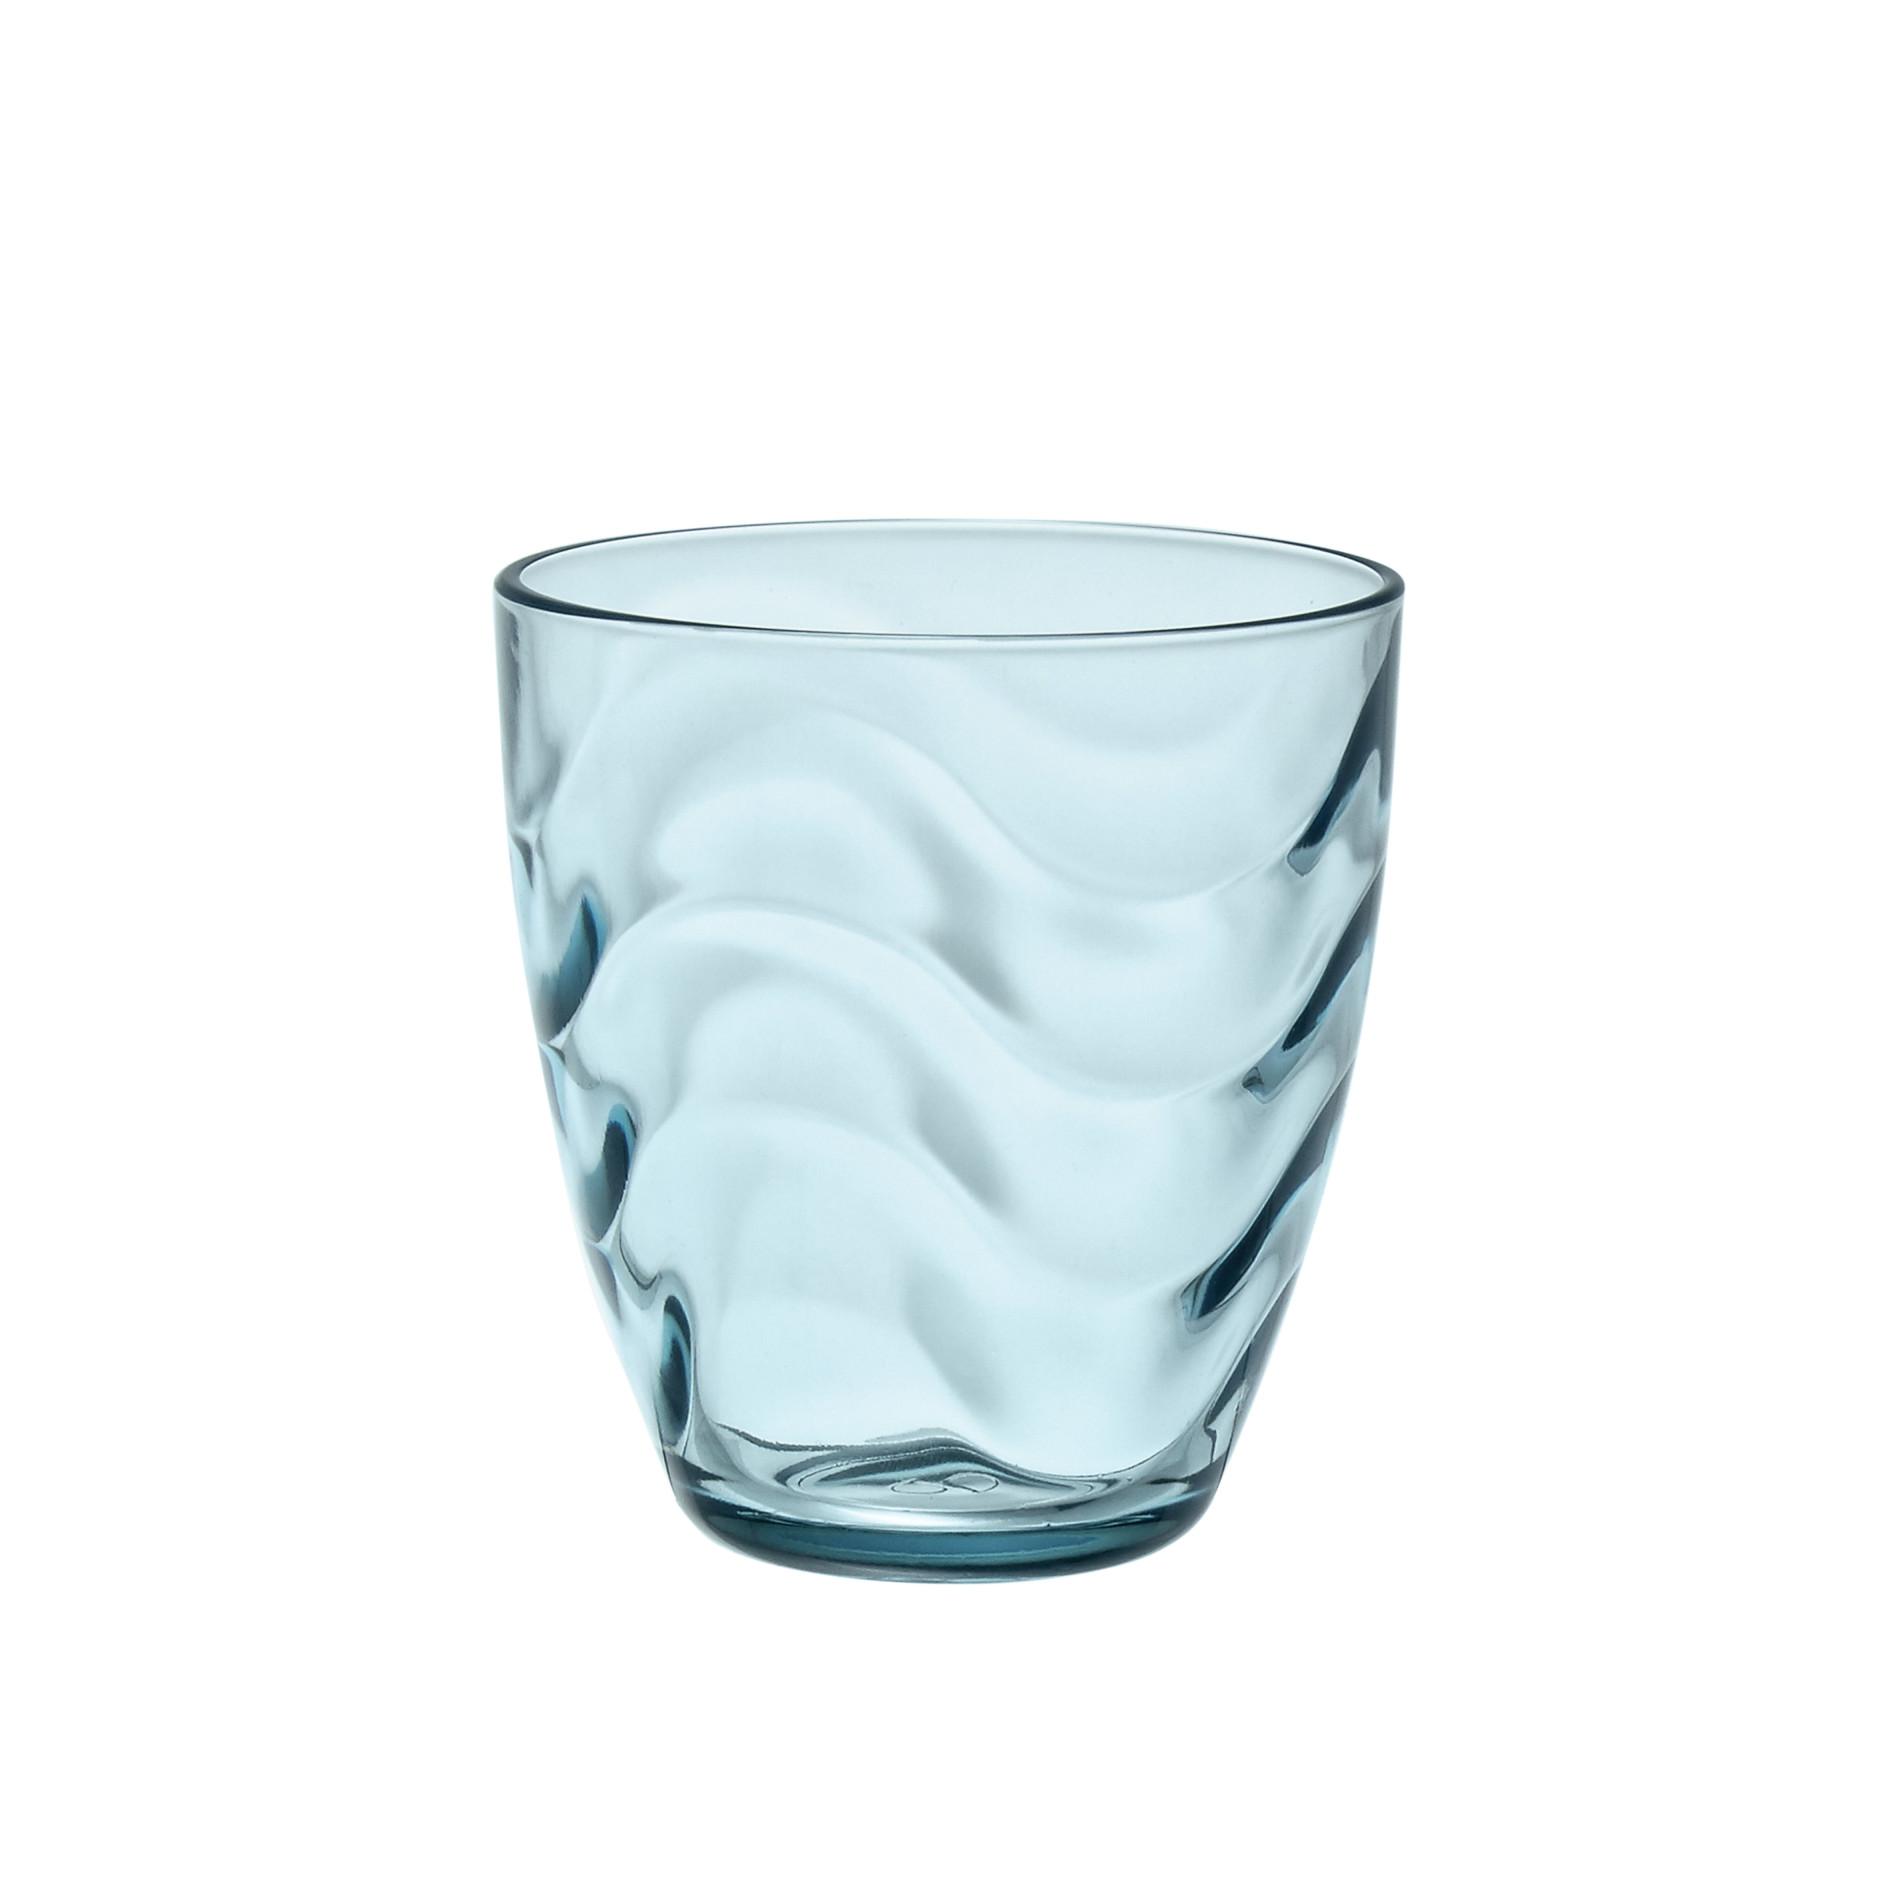 Bicchiere acqua in vetro colorato coincasa for Bicchieri colorati vetro